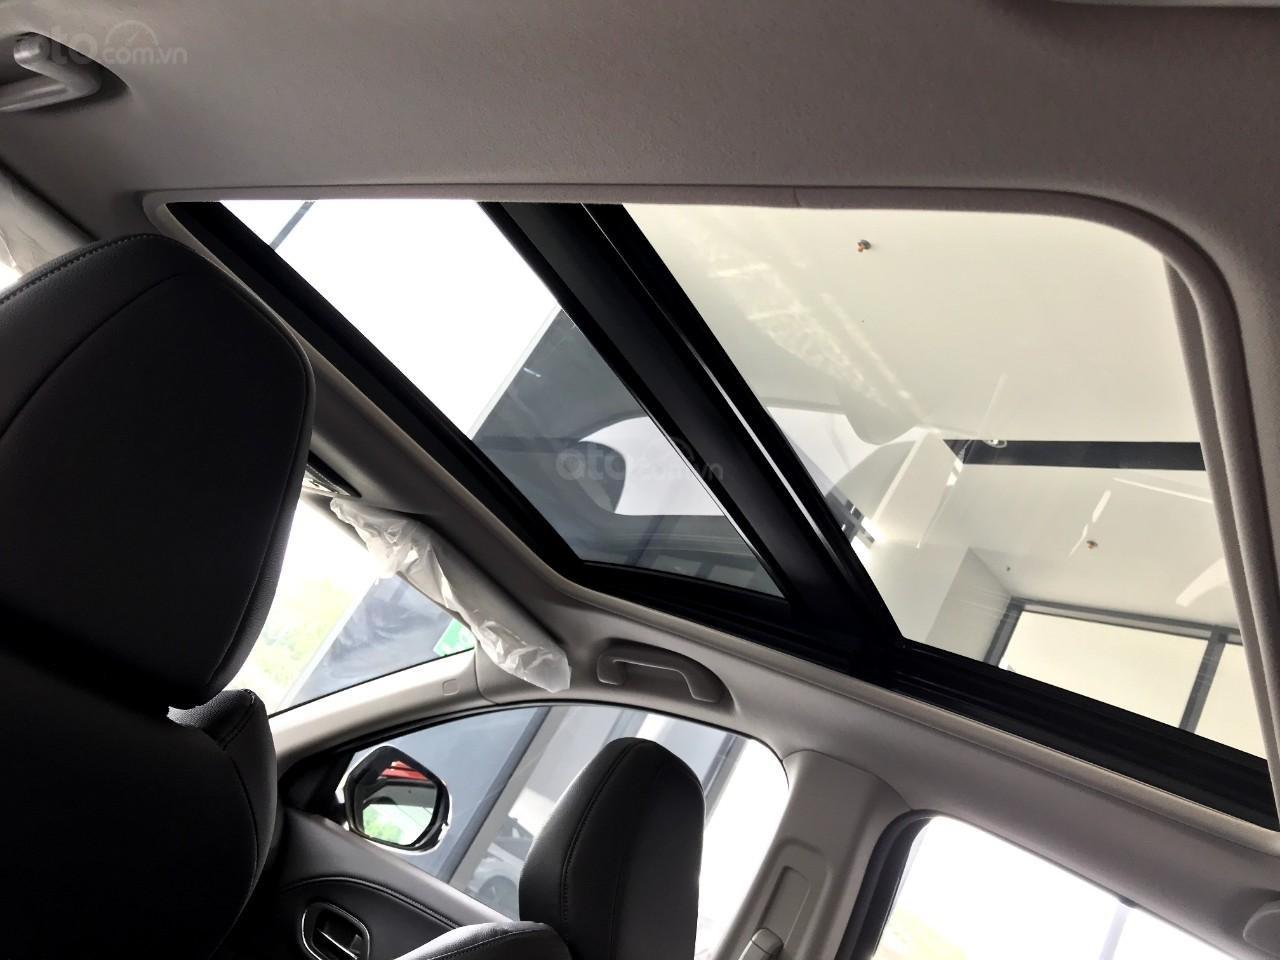 Honda oto Sài Gòn Quận 7, HR-V 2019, chỉ 250tr bạn đã có thể mang xe về nhà với nhiều gói quà tặng hấp dẫn (7)